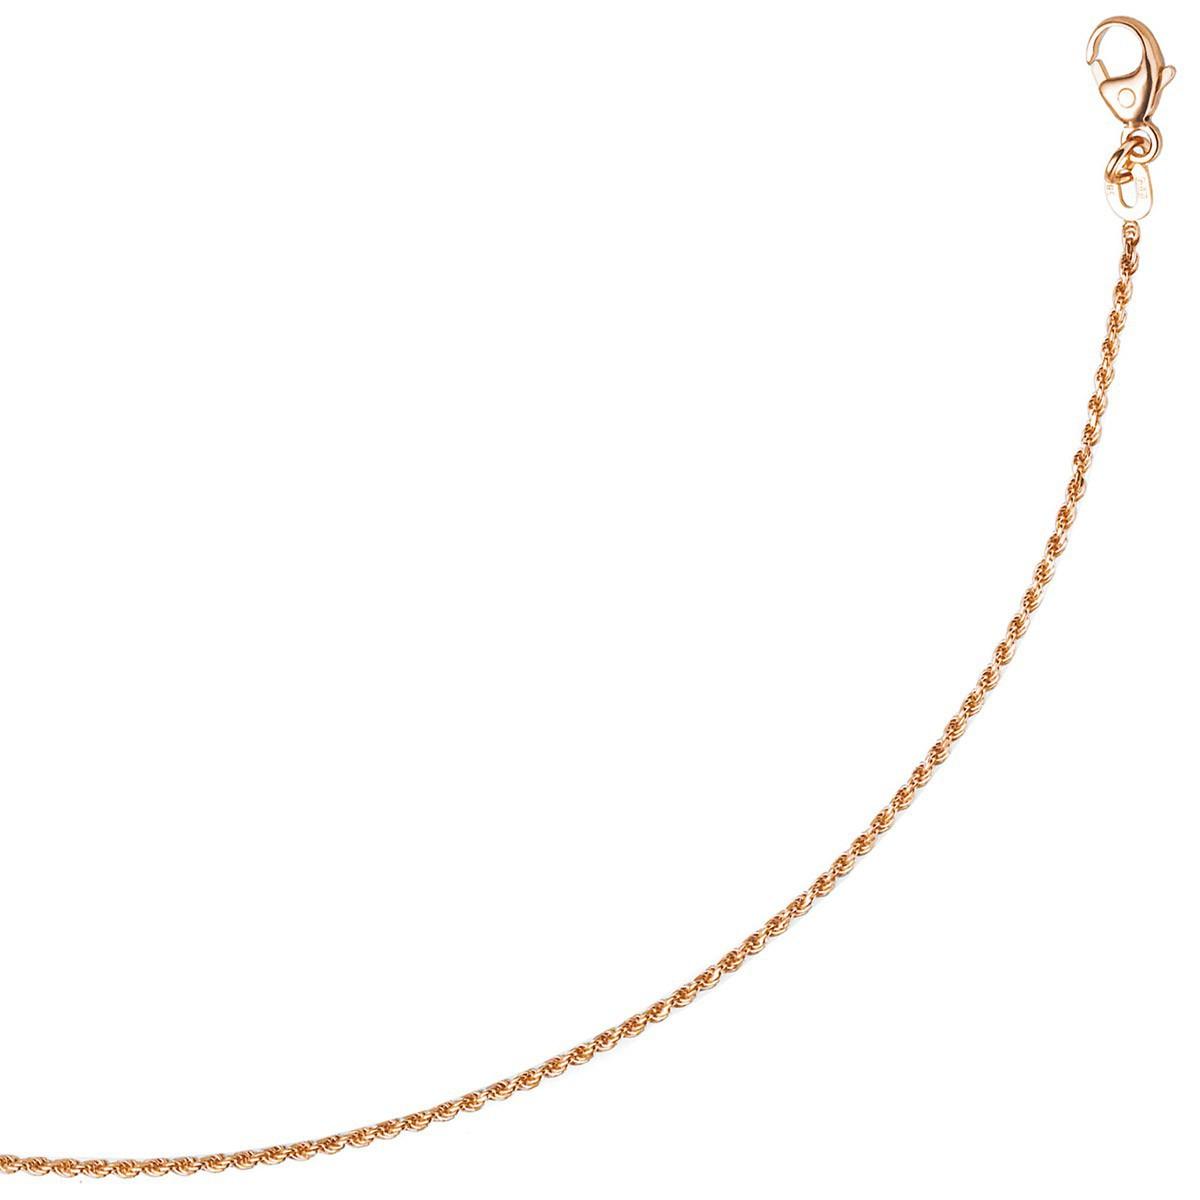 1mm feine kordelkette echt gold 585 rotgold kette halskette 50cm kategorien goldschmuck ketten. Black Bedroom Furniture Sets. Home Design Ideas